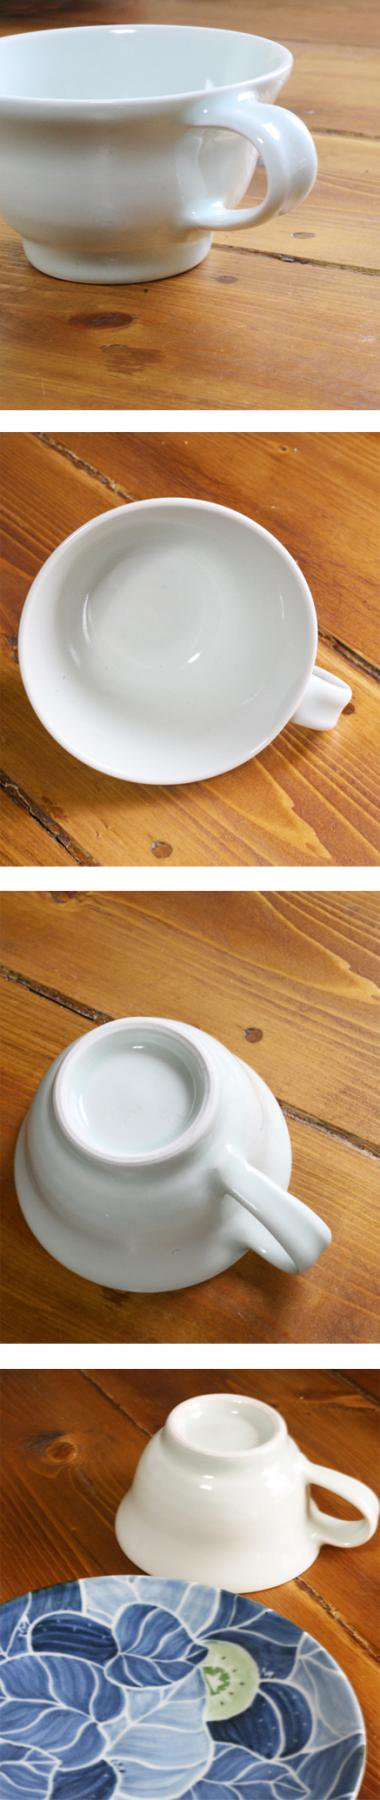 梅乃瀬窯,径約10cm×高約6cm(皿径約16.7cm),磁器